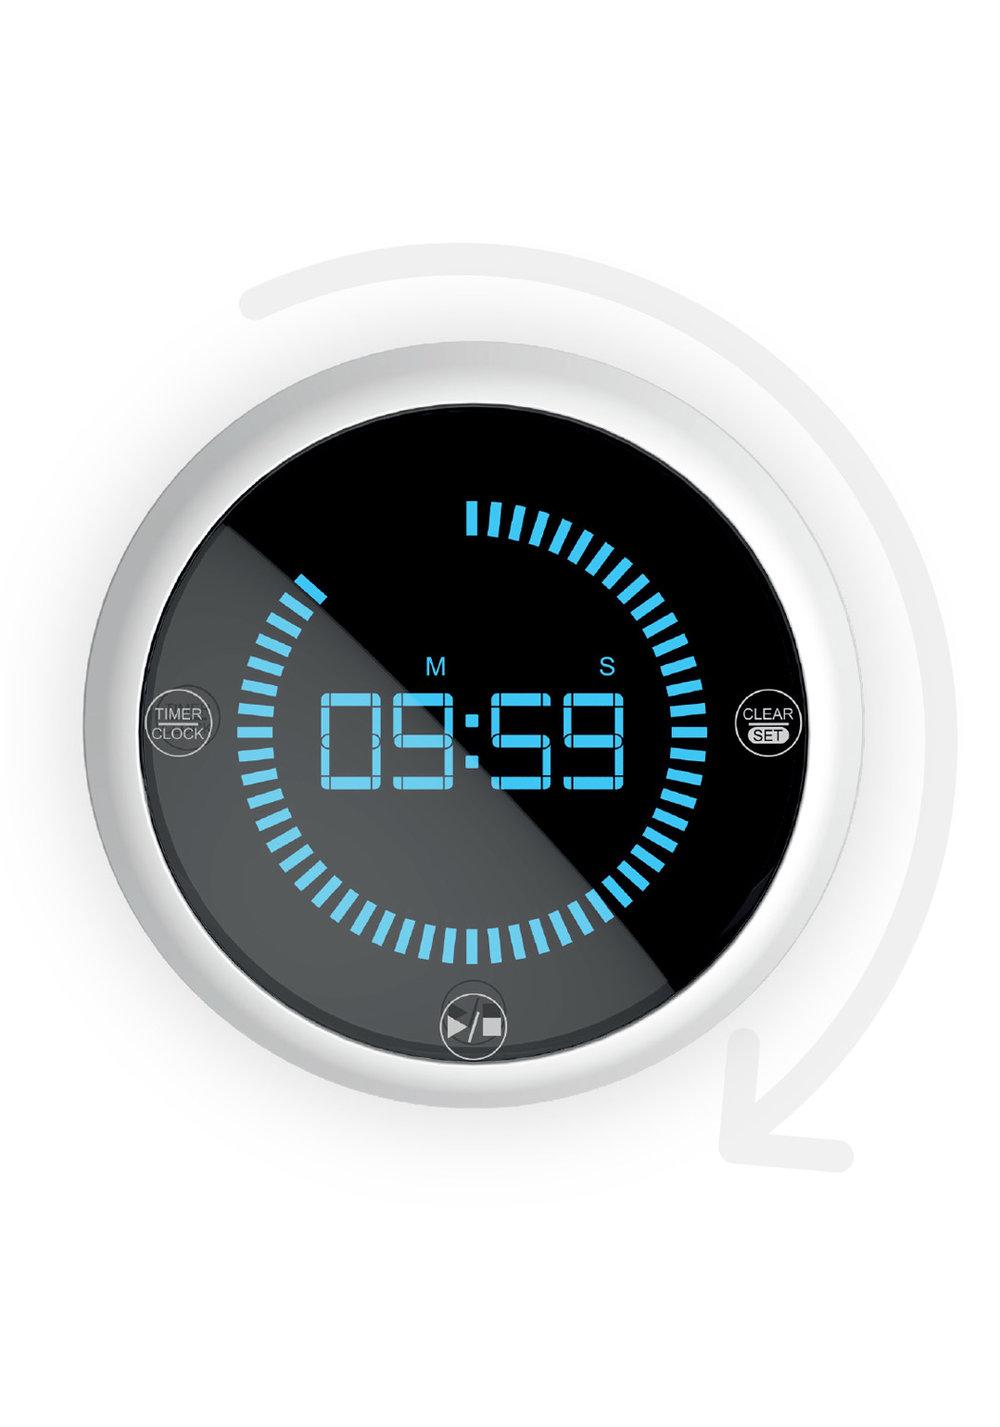 facilitez-vous le geste - Tournez simplement l'anneau rotatif dans le sens des aiguilles d'une montre pour régler votre temps.